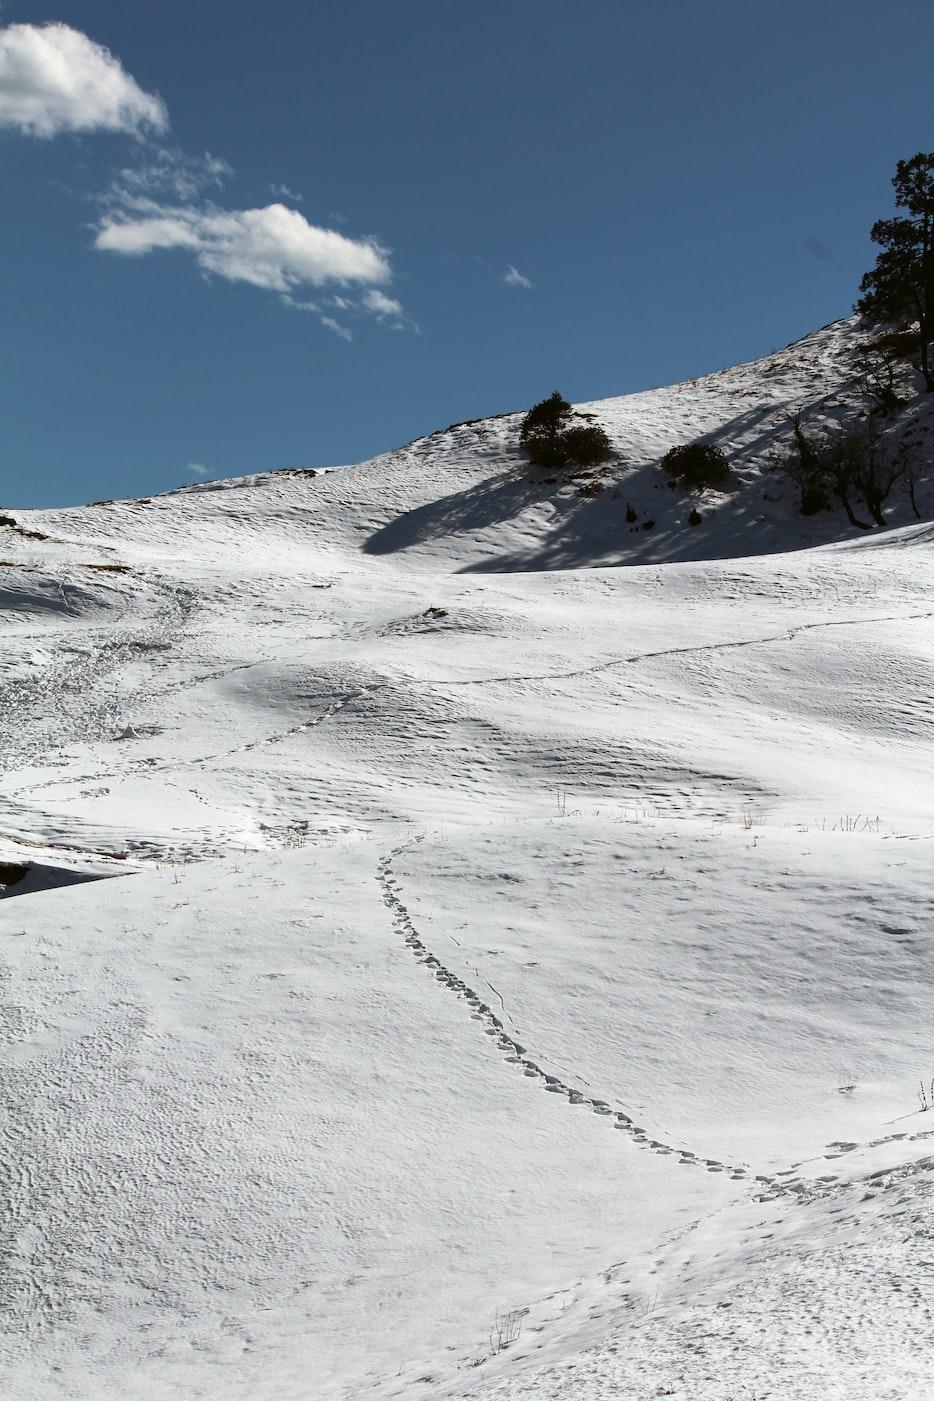 花 植物 花瓣 风景 光线 岩石 水 海洋 蓝色 印度 巴西 冬天 草地 徒步旅行 喜马拉雅山 雪道 雪 徒步旅行 创作共用图像,